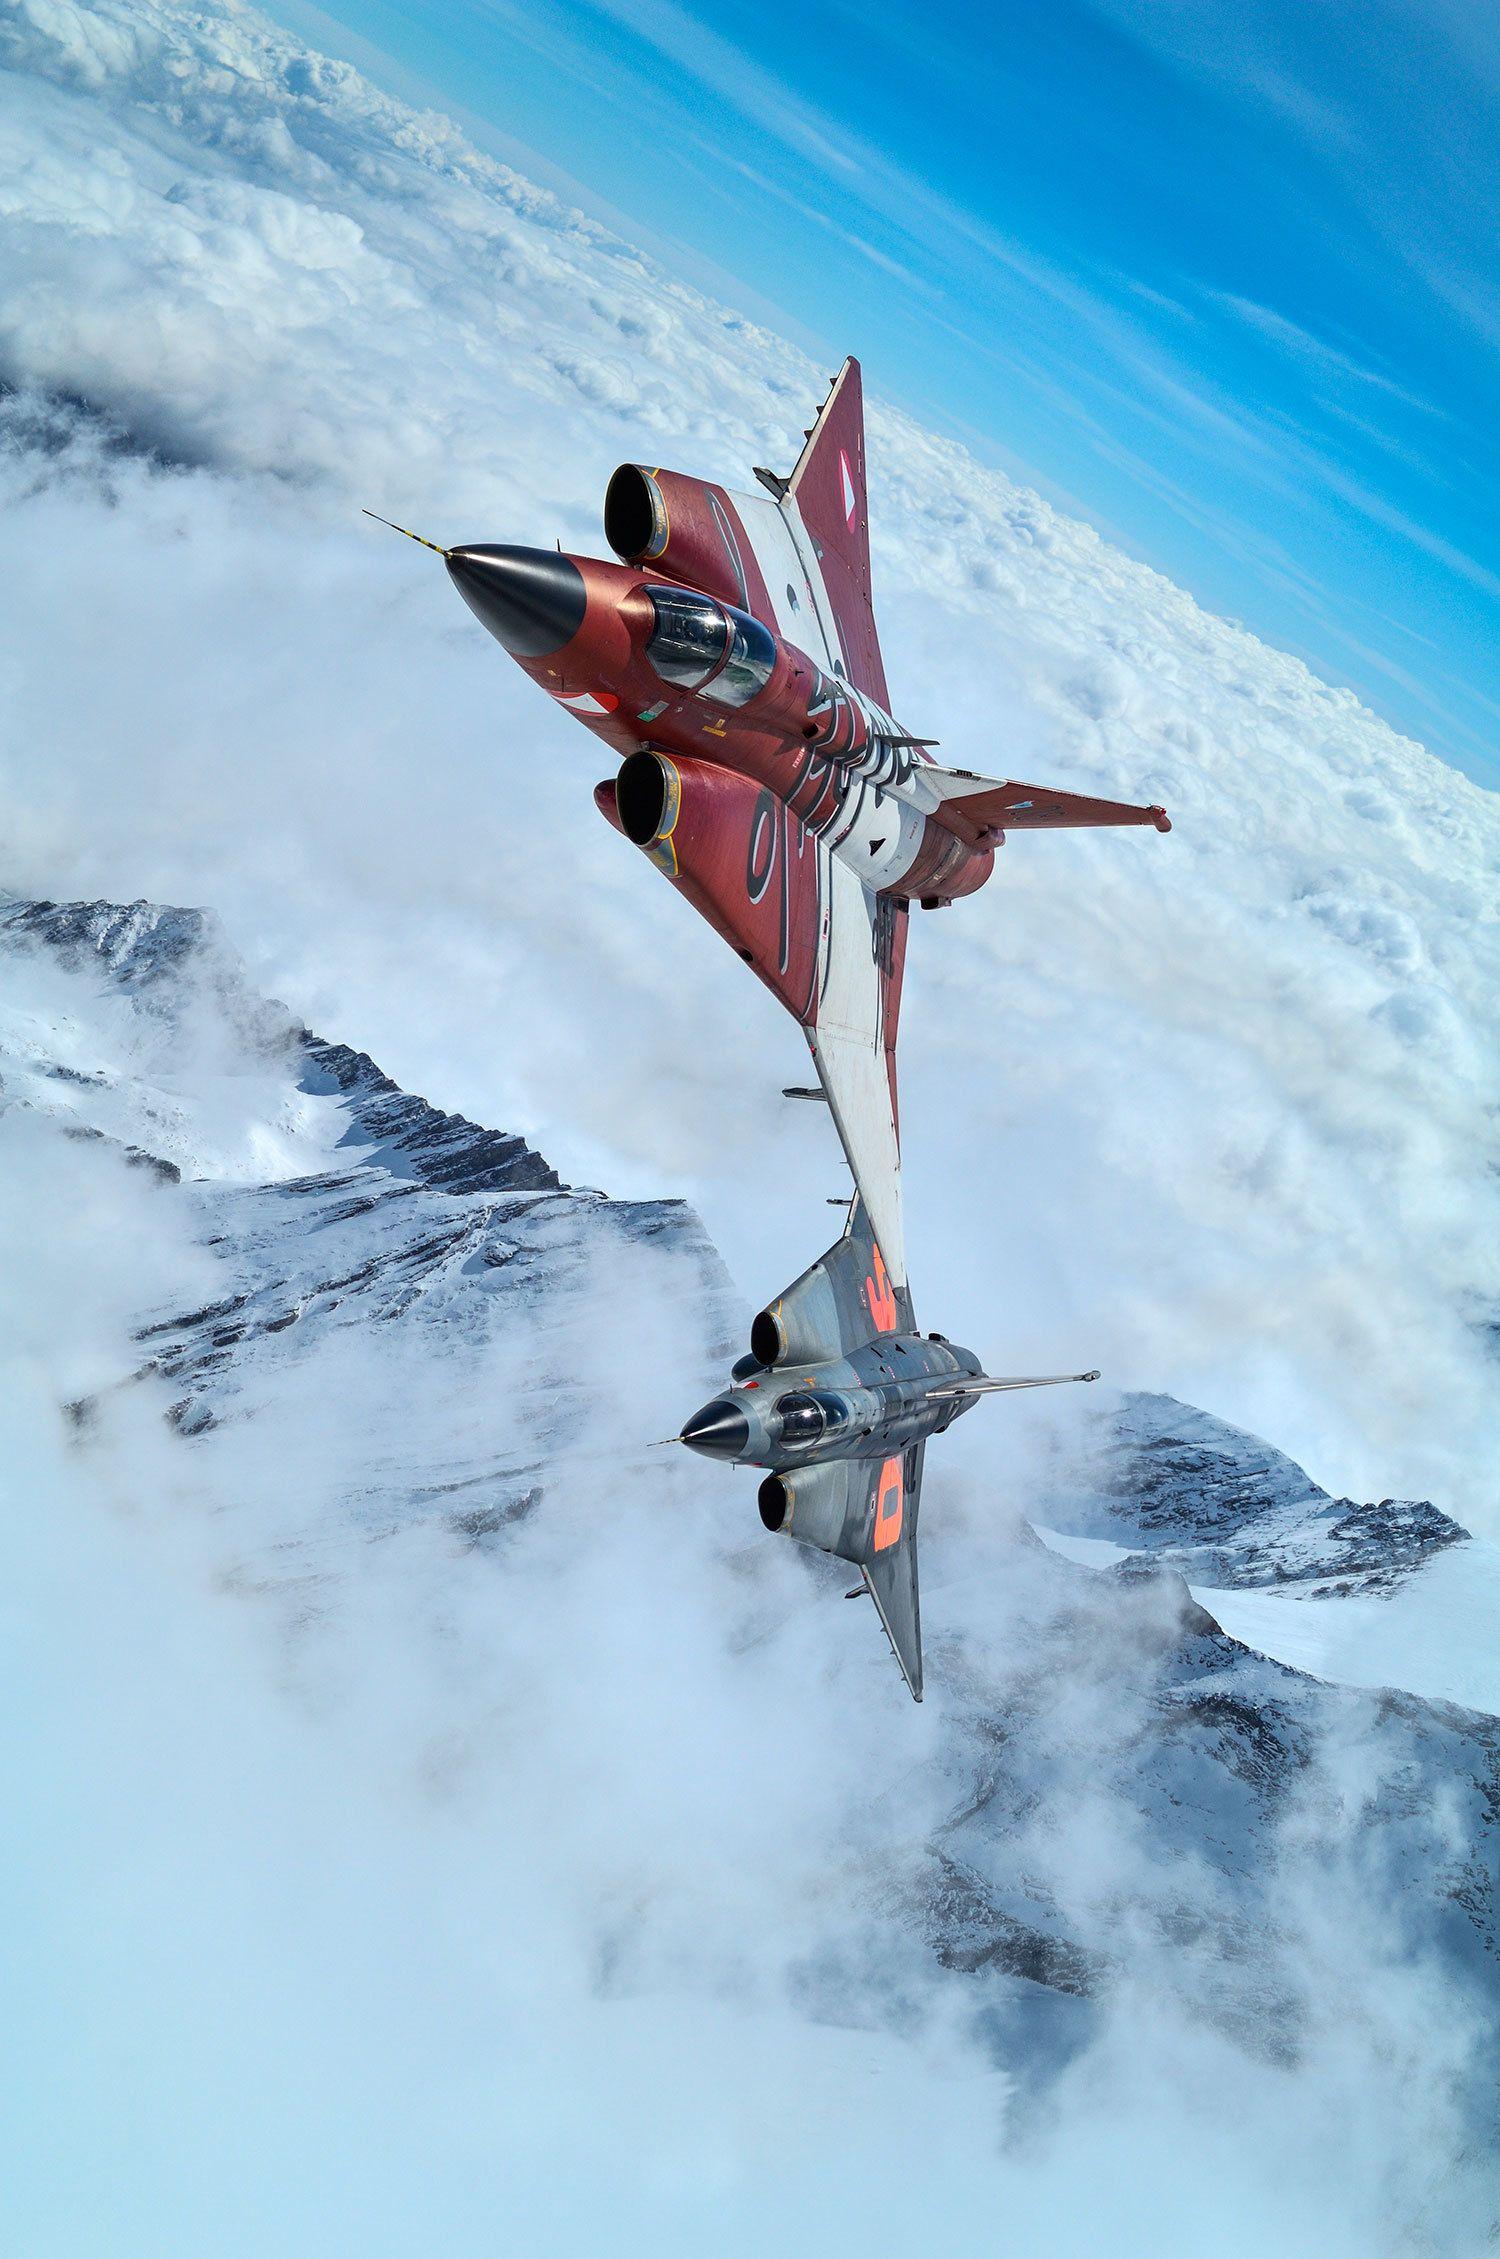 サーブS350Eドラケン(生産国スウェーデン) アルプス上空を疾駆するオーストリア空軍機